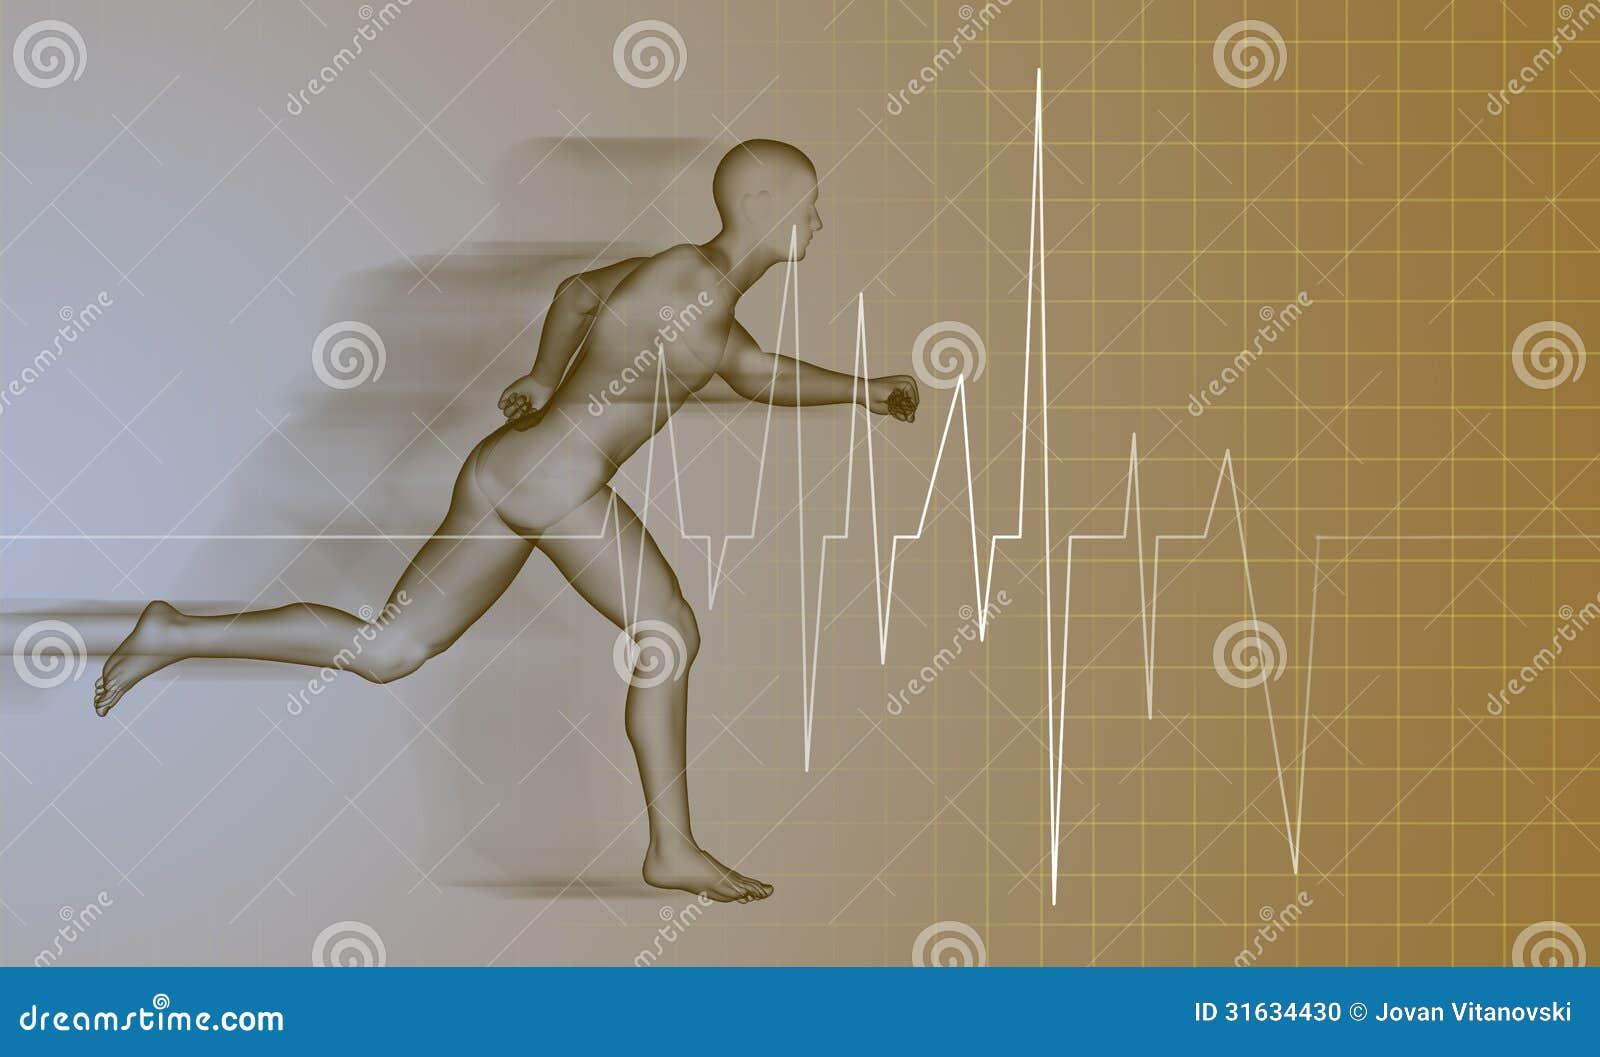 Hombre Corriente - Anatomía Stock de ilustración - Ilustración de ...